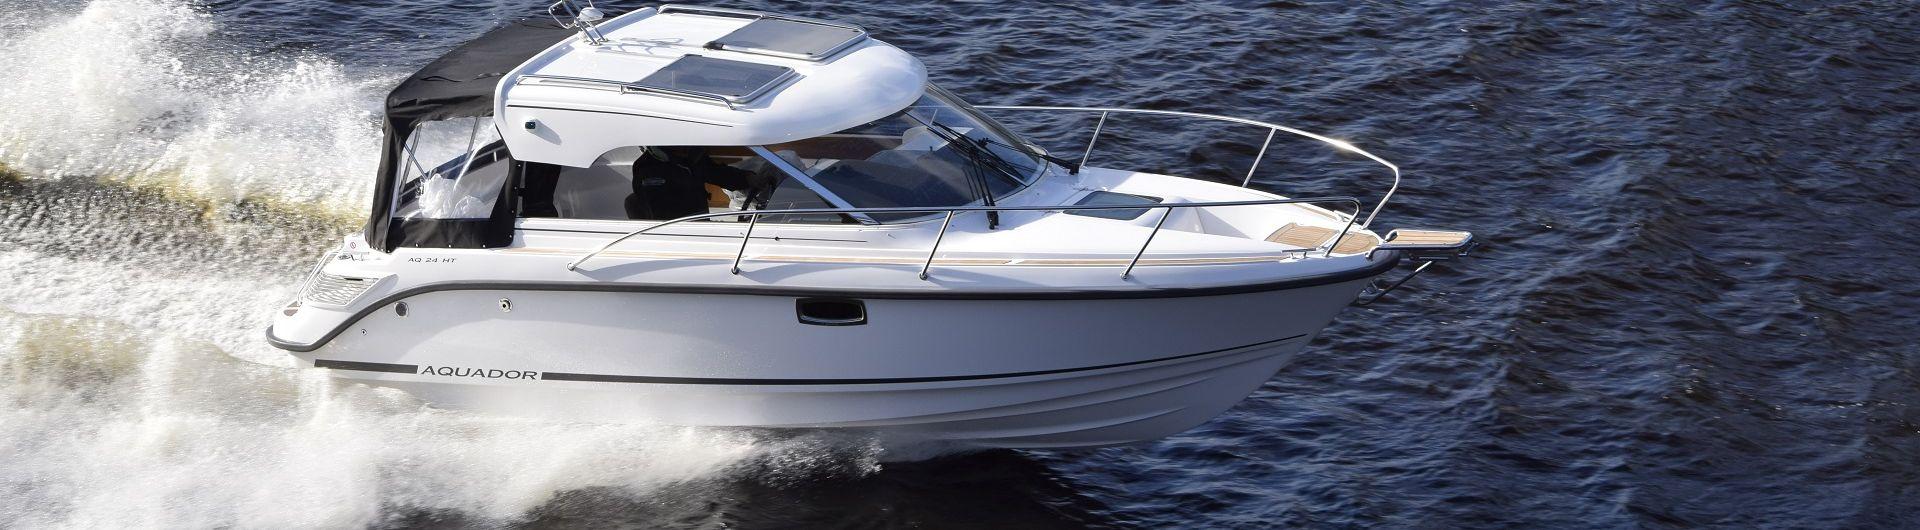 Sportboot Aquador 24DC header